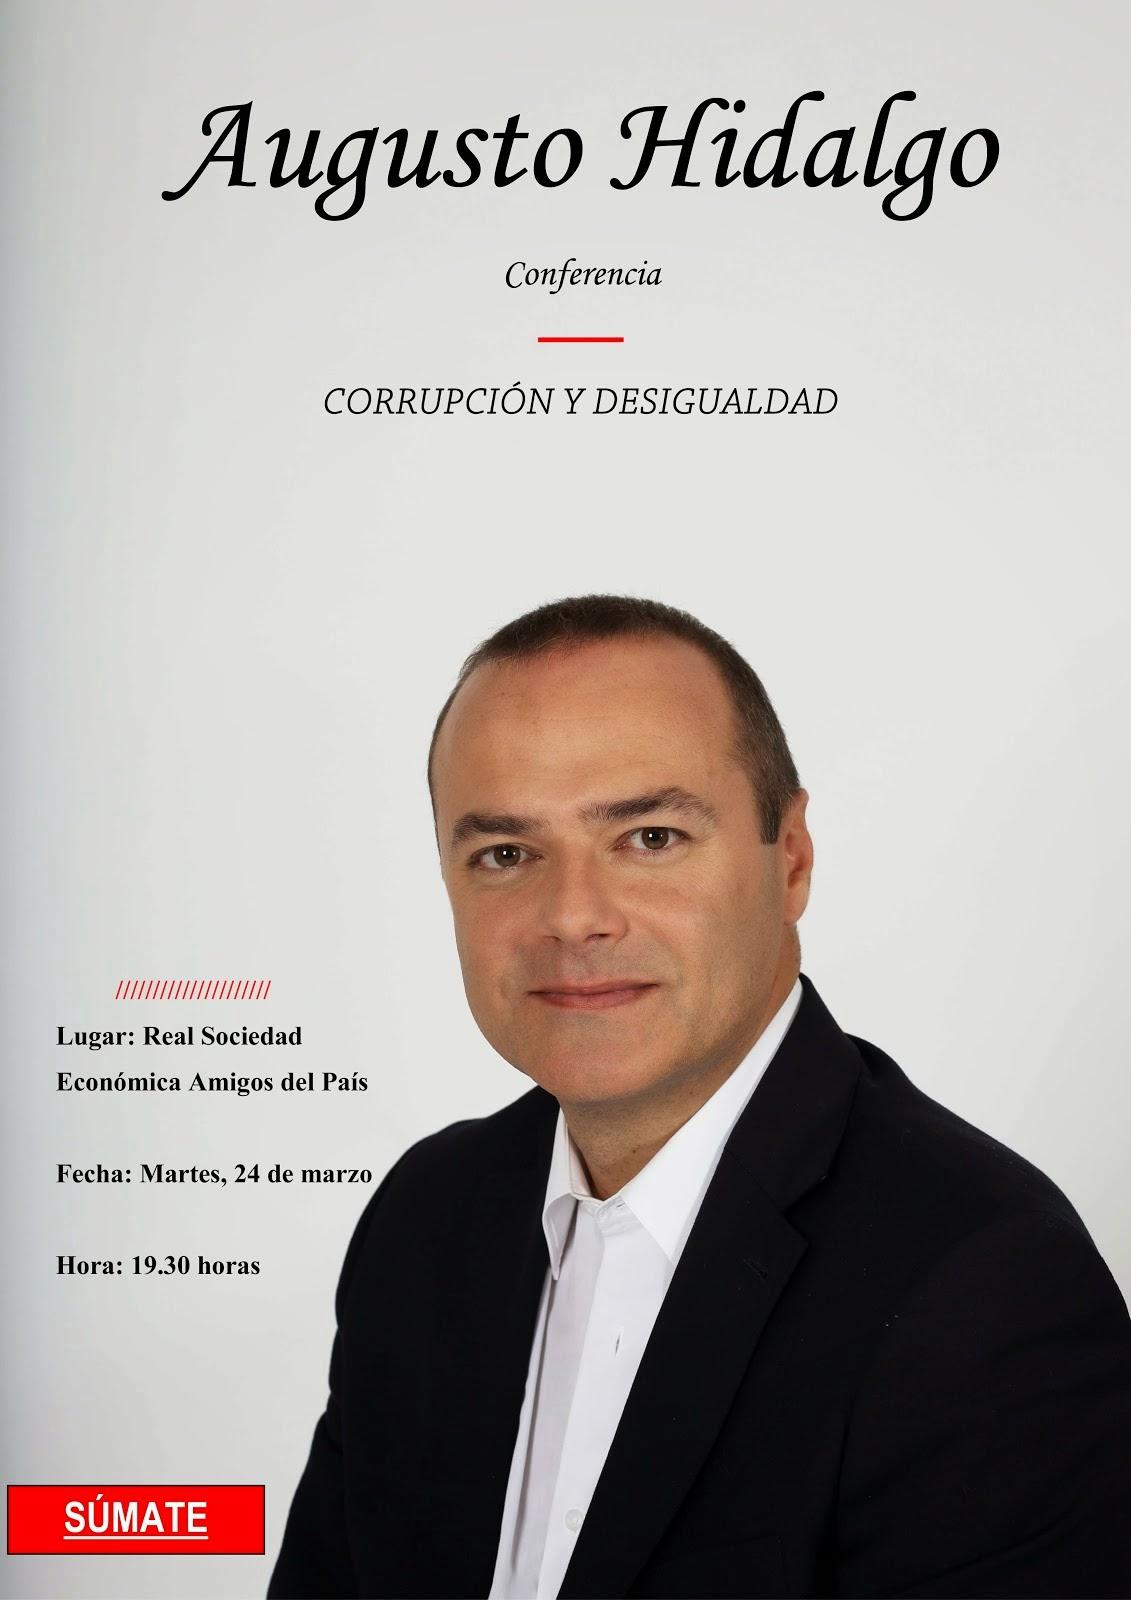 """CONFERENCIA DE AUGUSTO HIDALGO SOBRE """"CORRUPCIÓN Y DESIGUALDAD"""""""